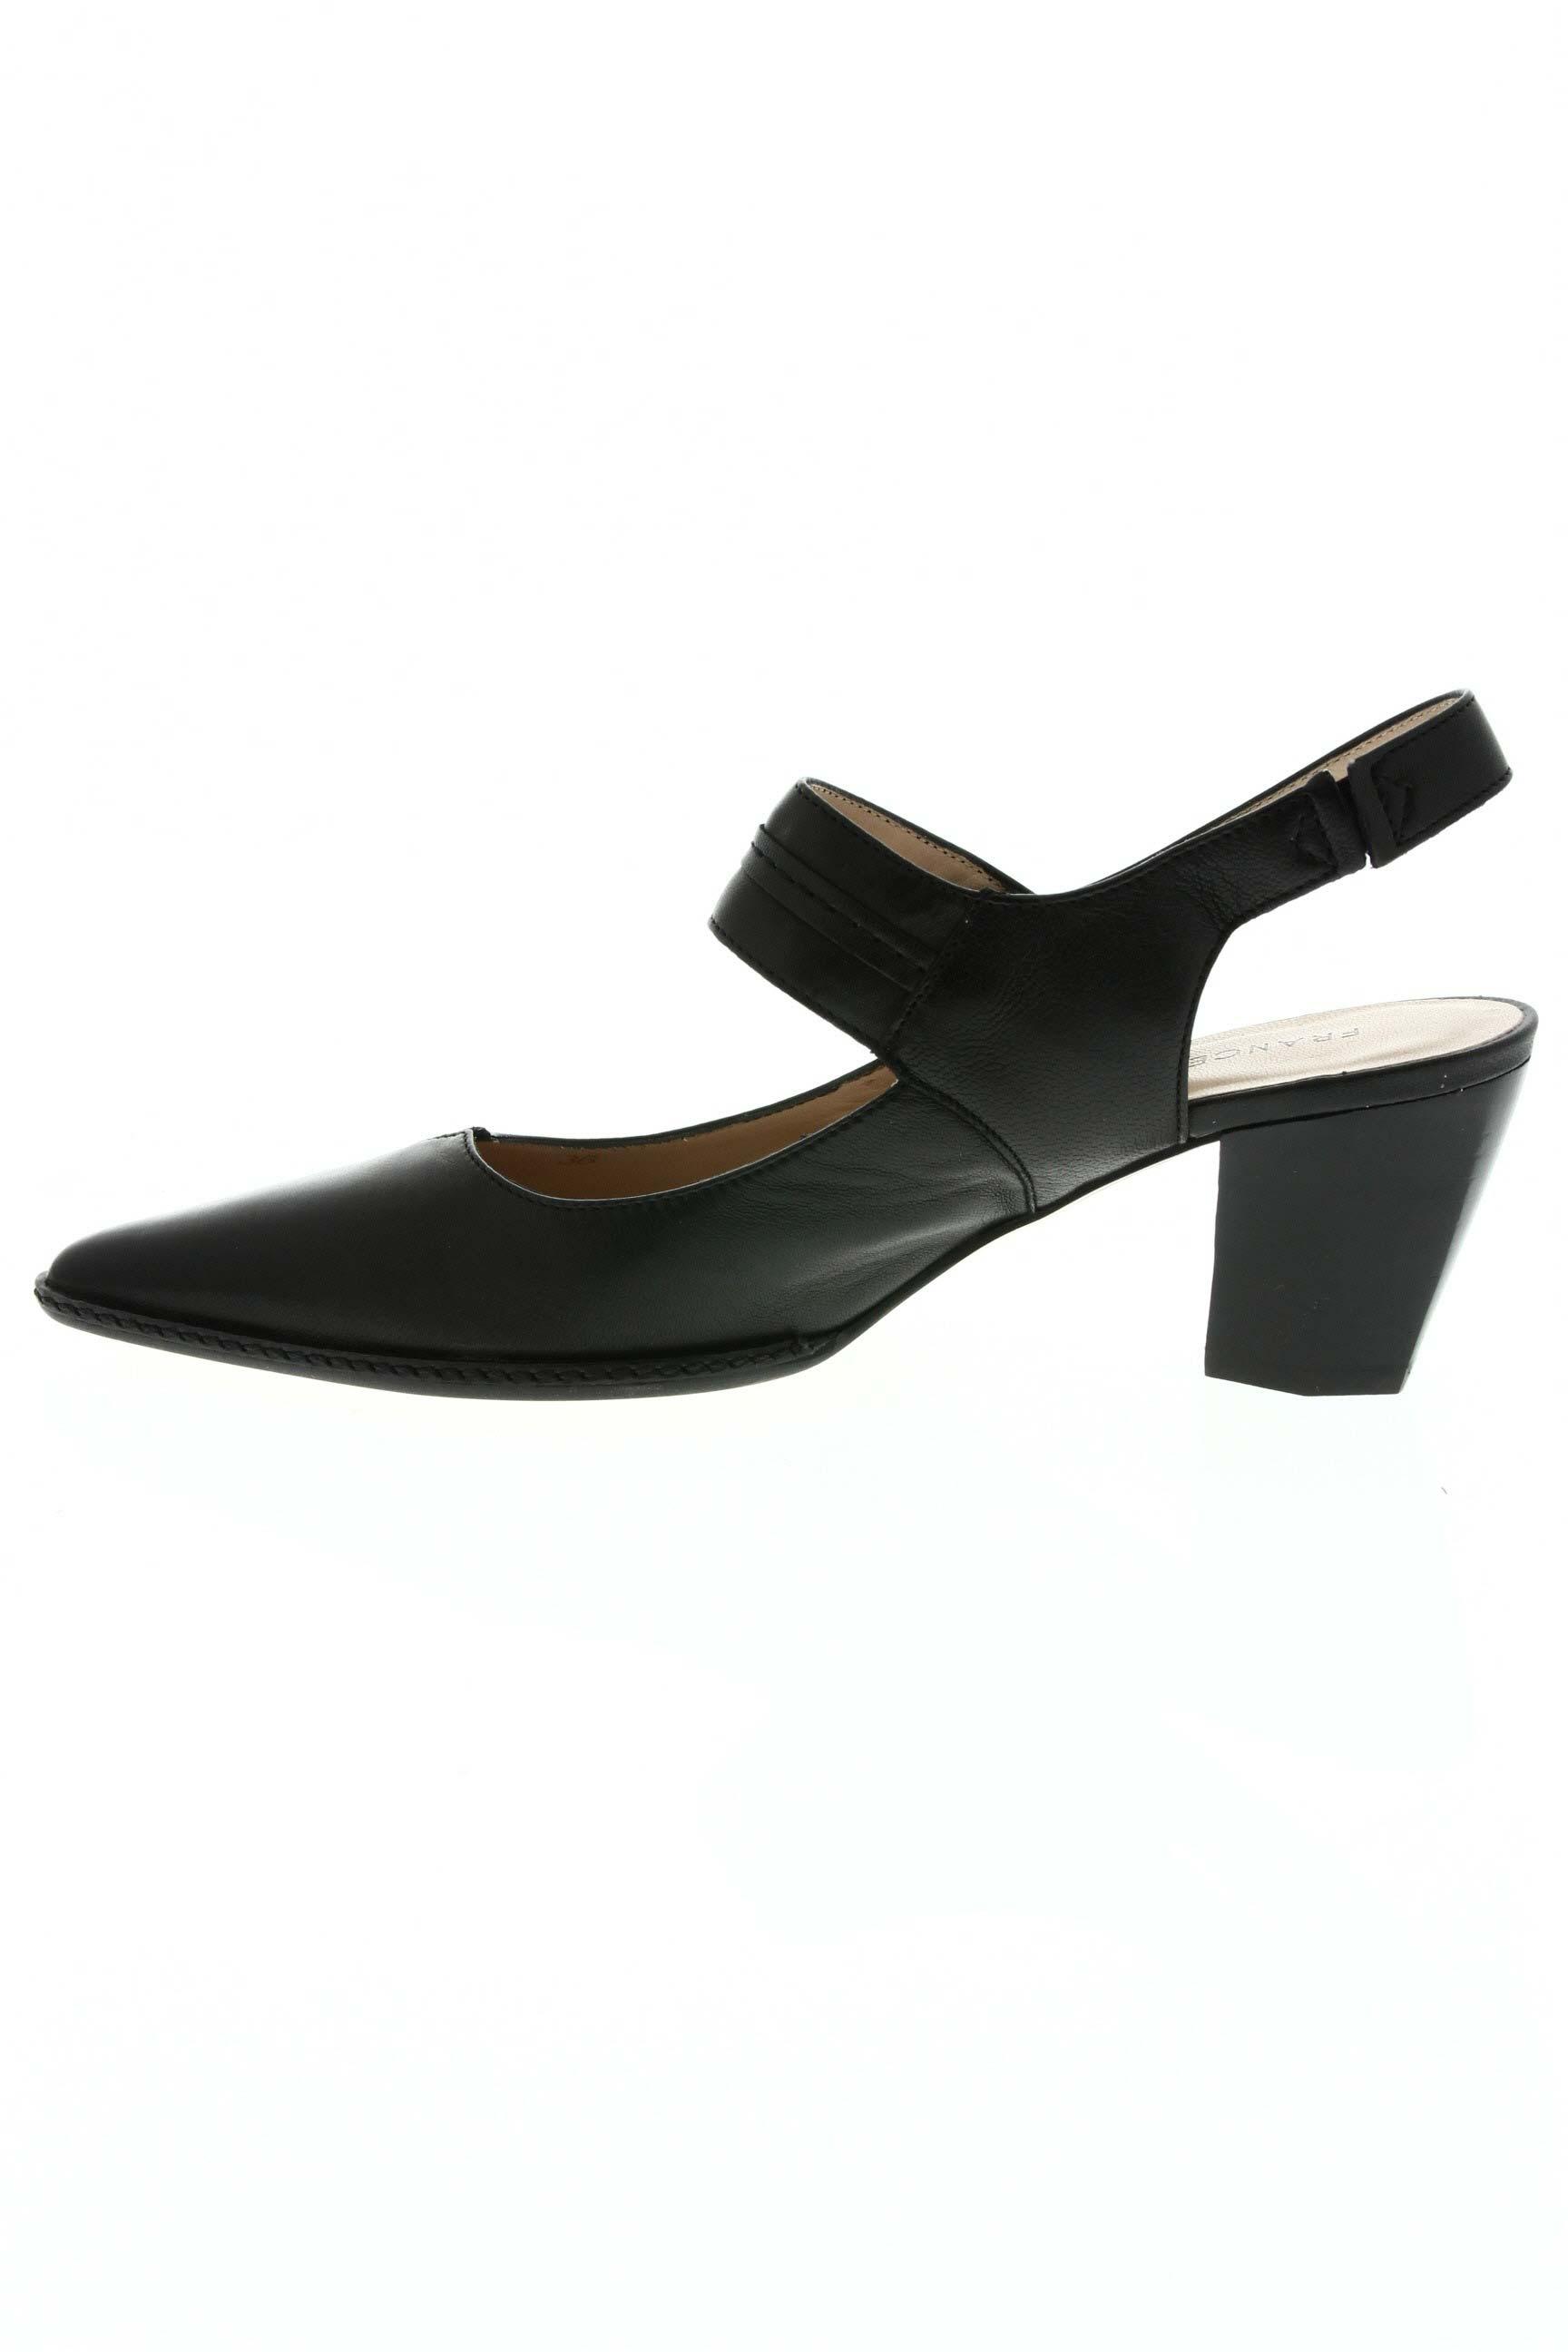 France Mode Escarpins Femme De Couleur Noir En Soldes Pas Cher 1109365-noir00